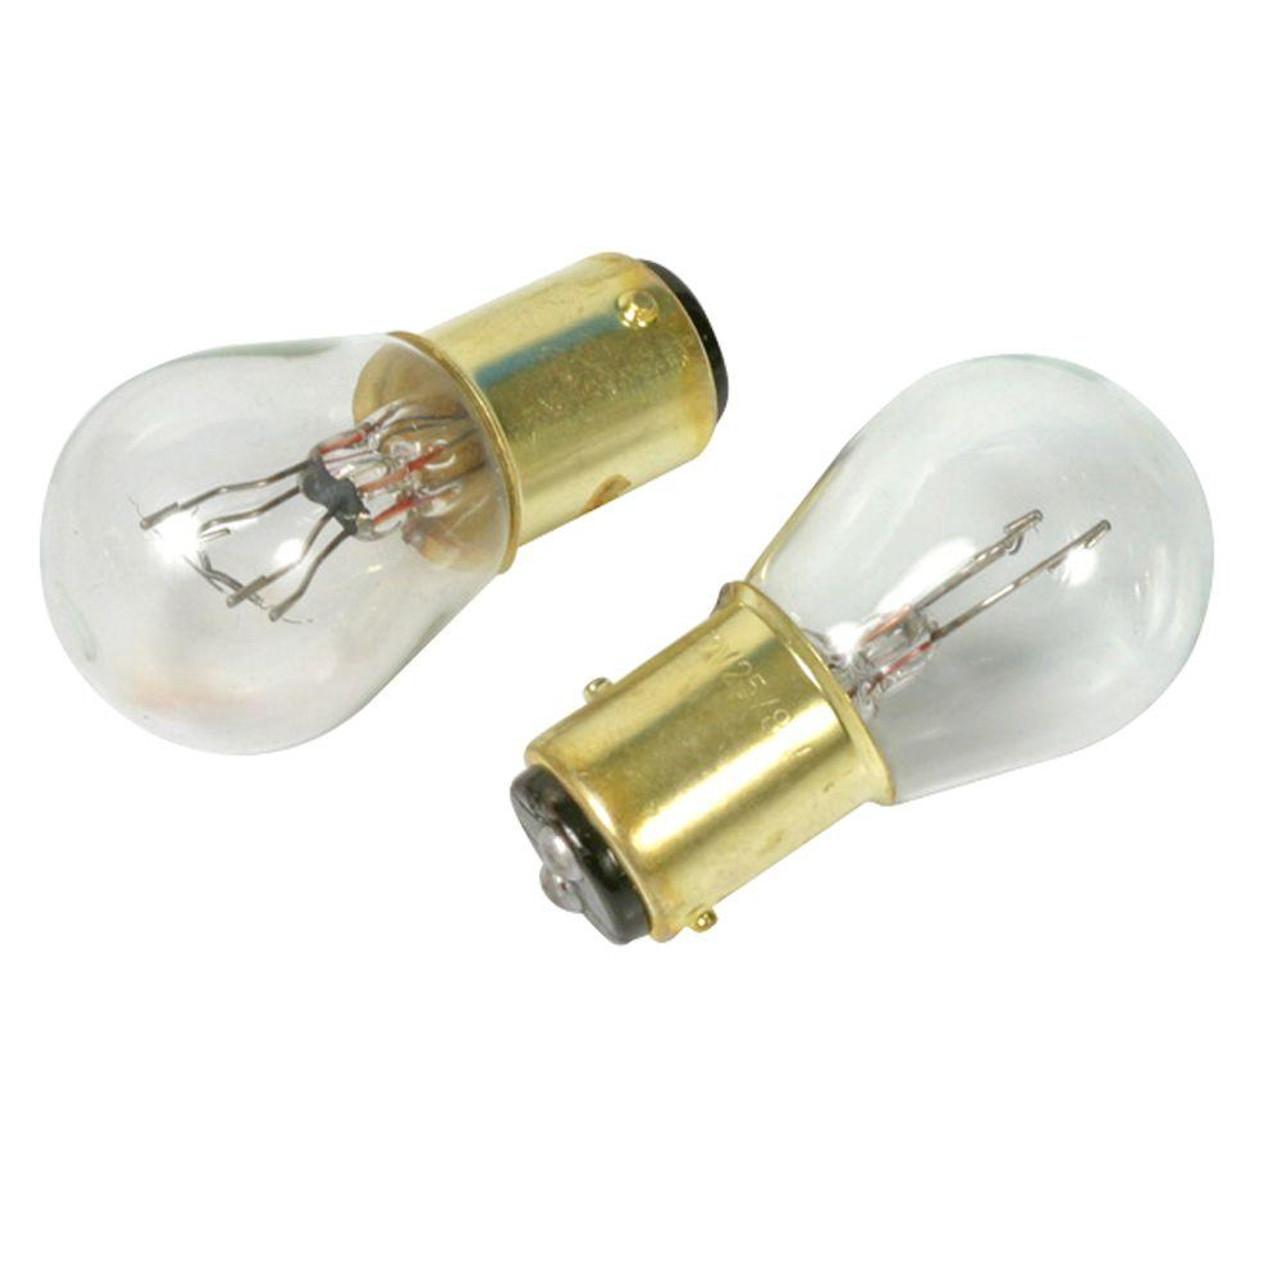 #1157 12V Light Bulb - 2 Pack (18-1036)